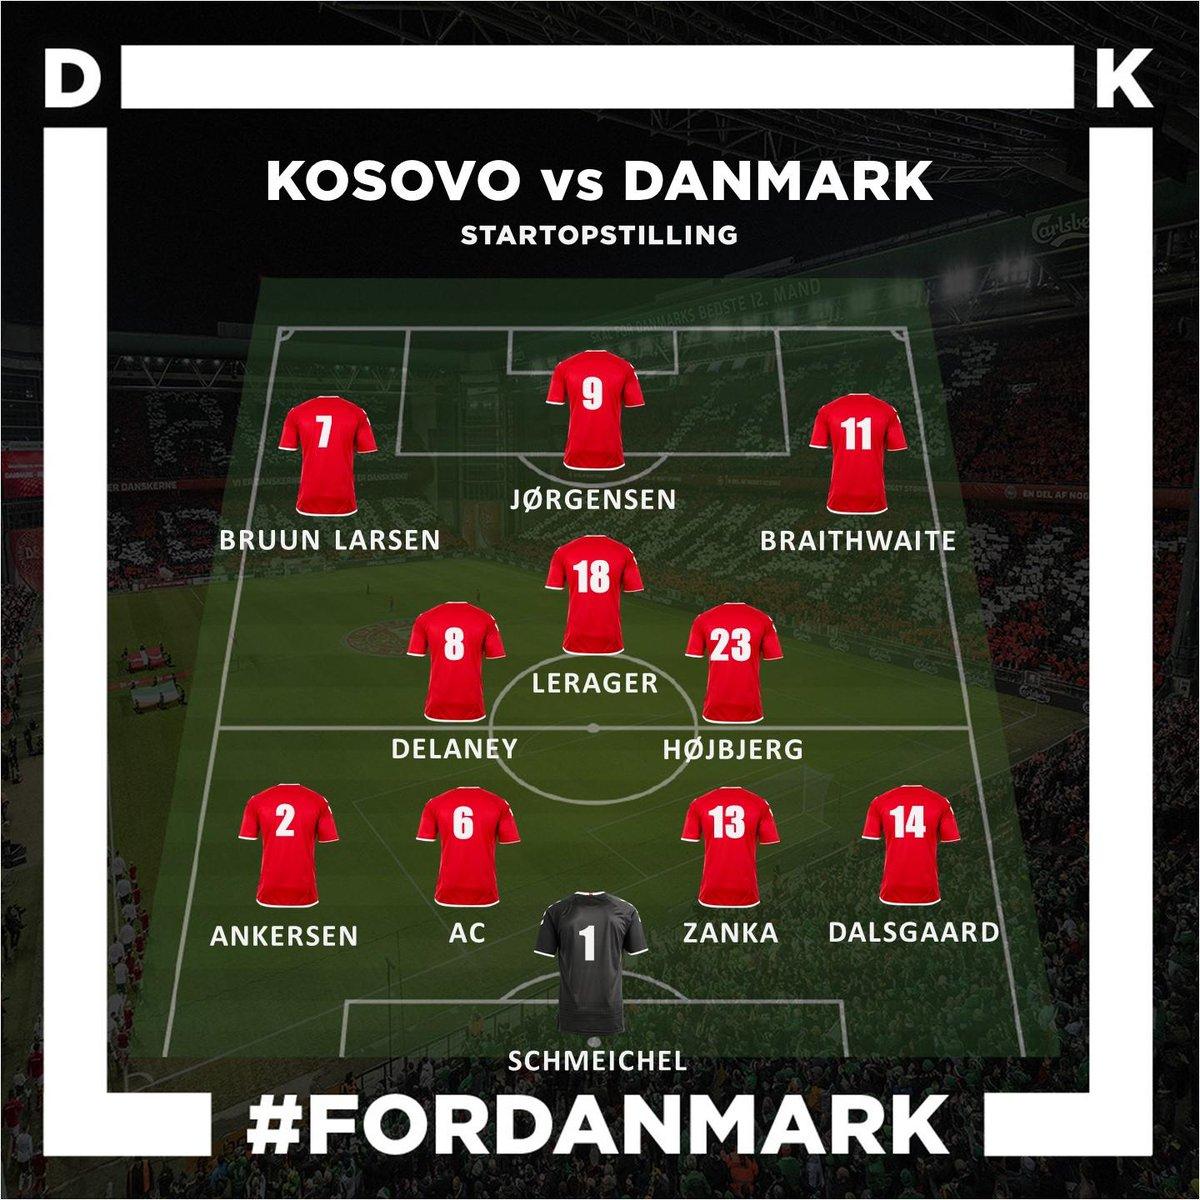 Der er debut til @jacobbruunlarsen, der starter inde for første gang for Herrelandsholdet. 🙌 Her kan I se alle vores 11 startere til testkampen mod Kosovo 🇩🇰 God kamp! #ForDanmark